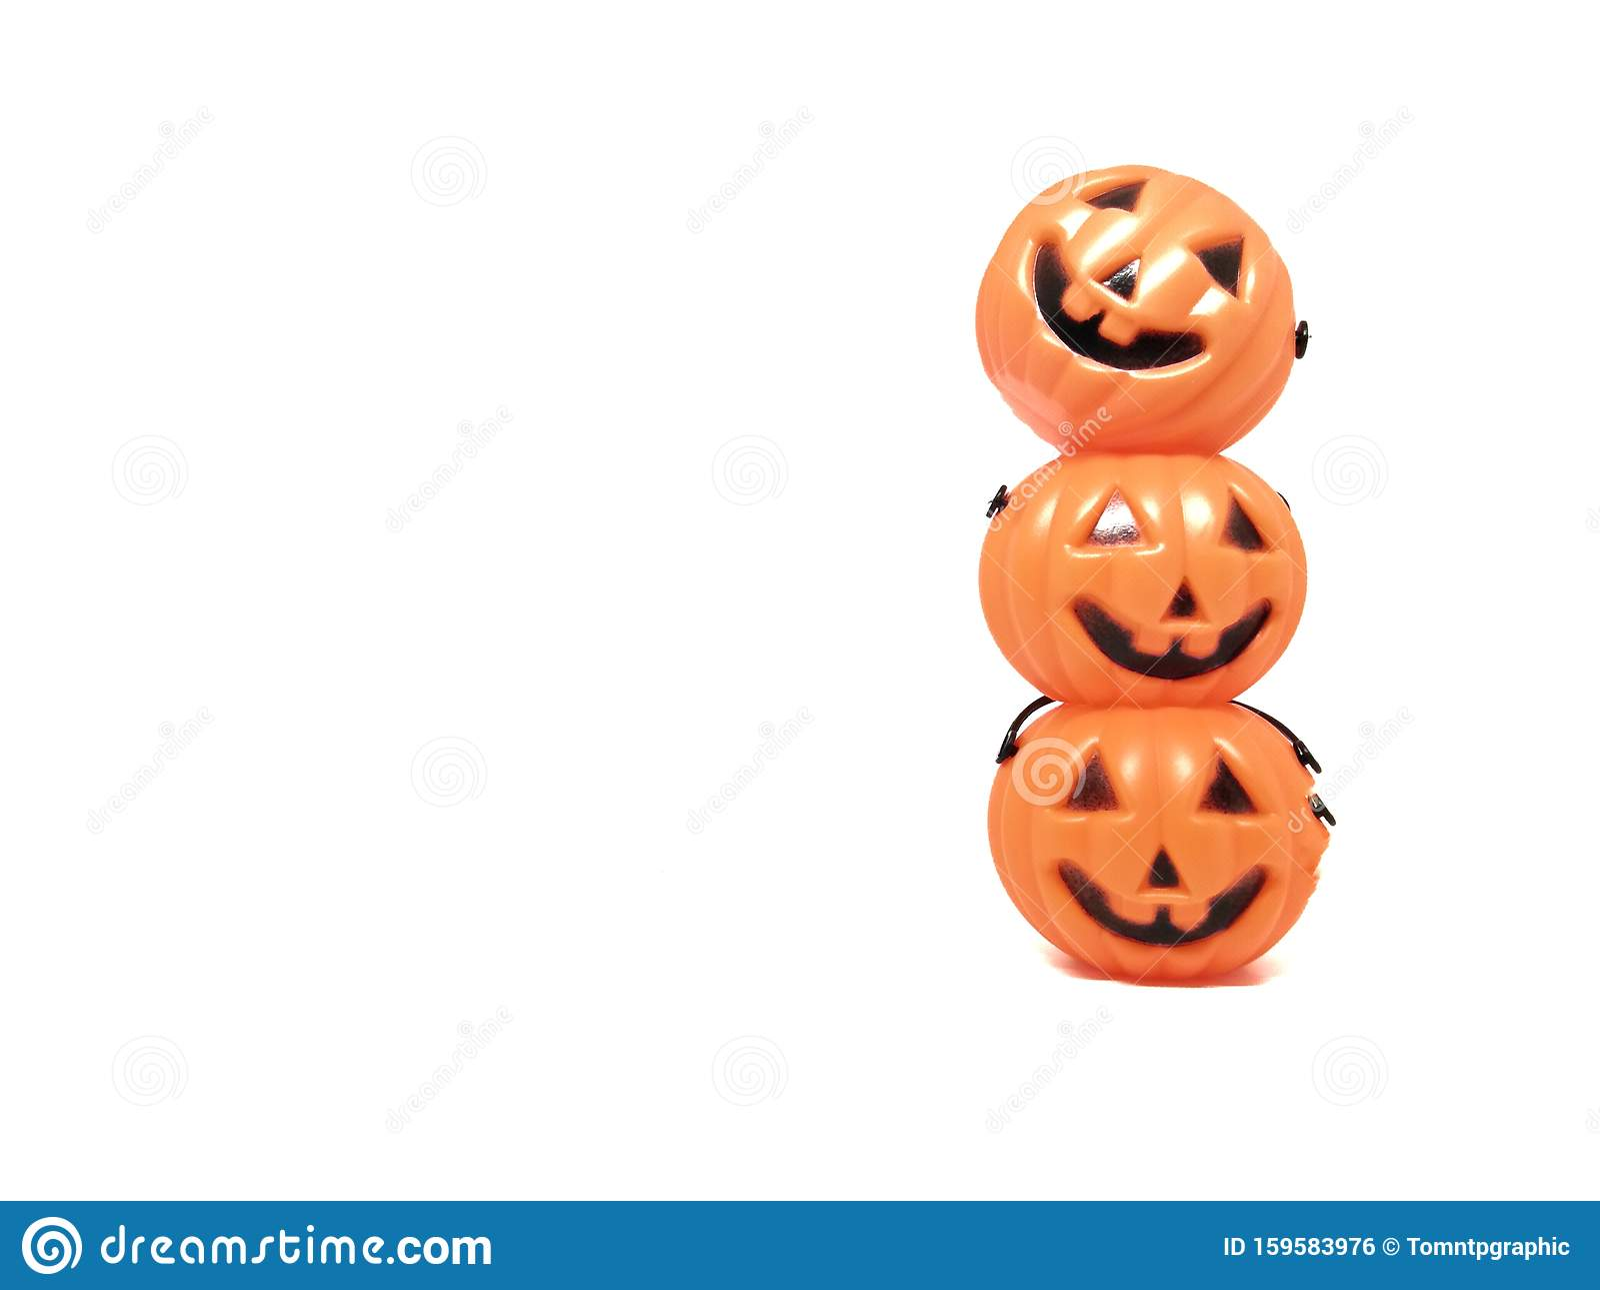 Halloween Pumpkins Halloween Day White Background Orange